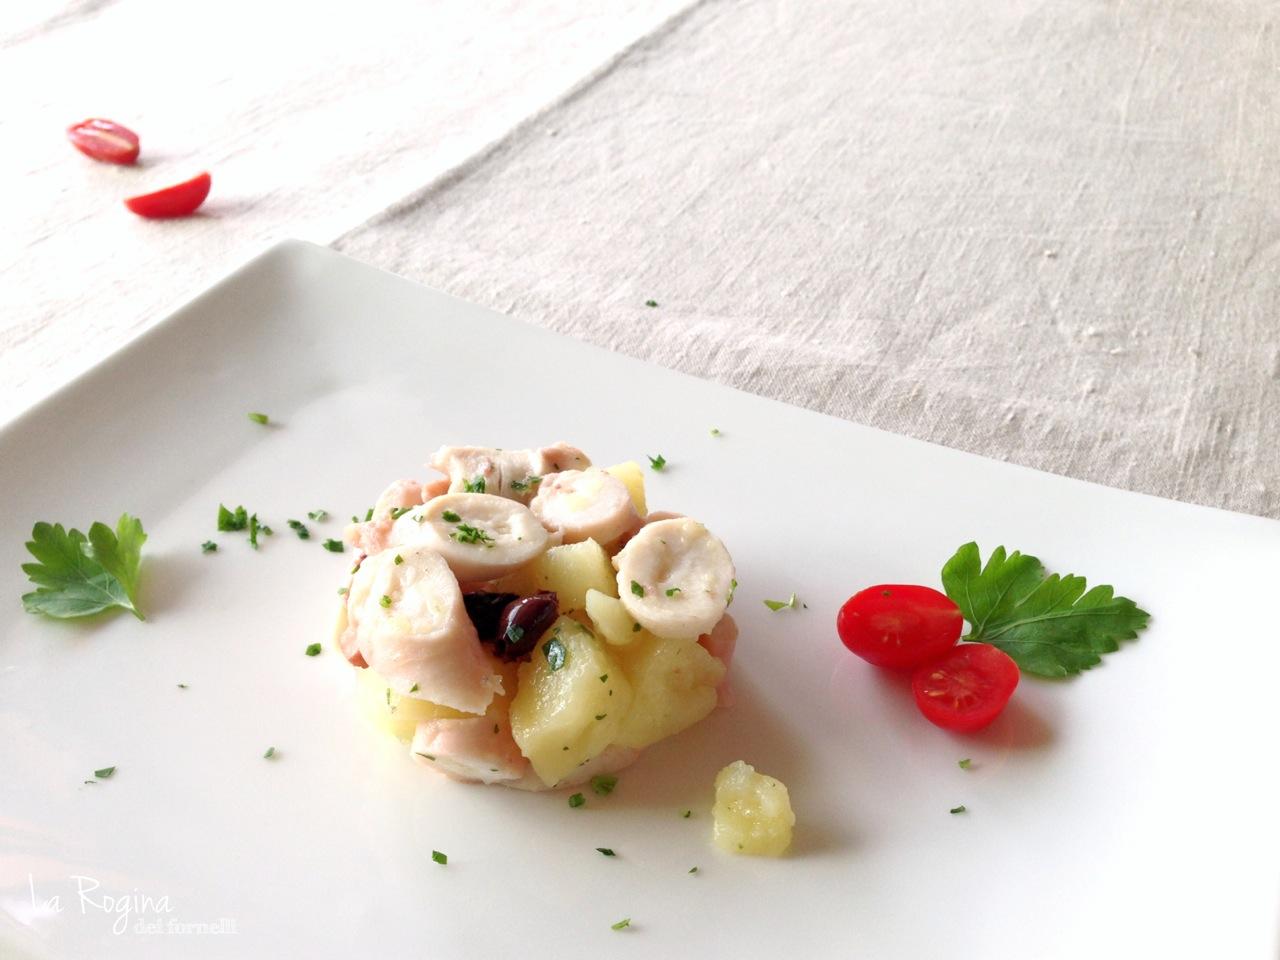 inslata-tiepida-di-polpo-e-patate